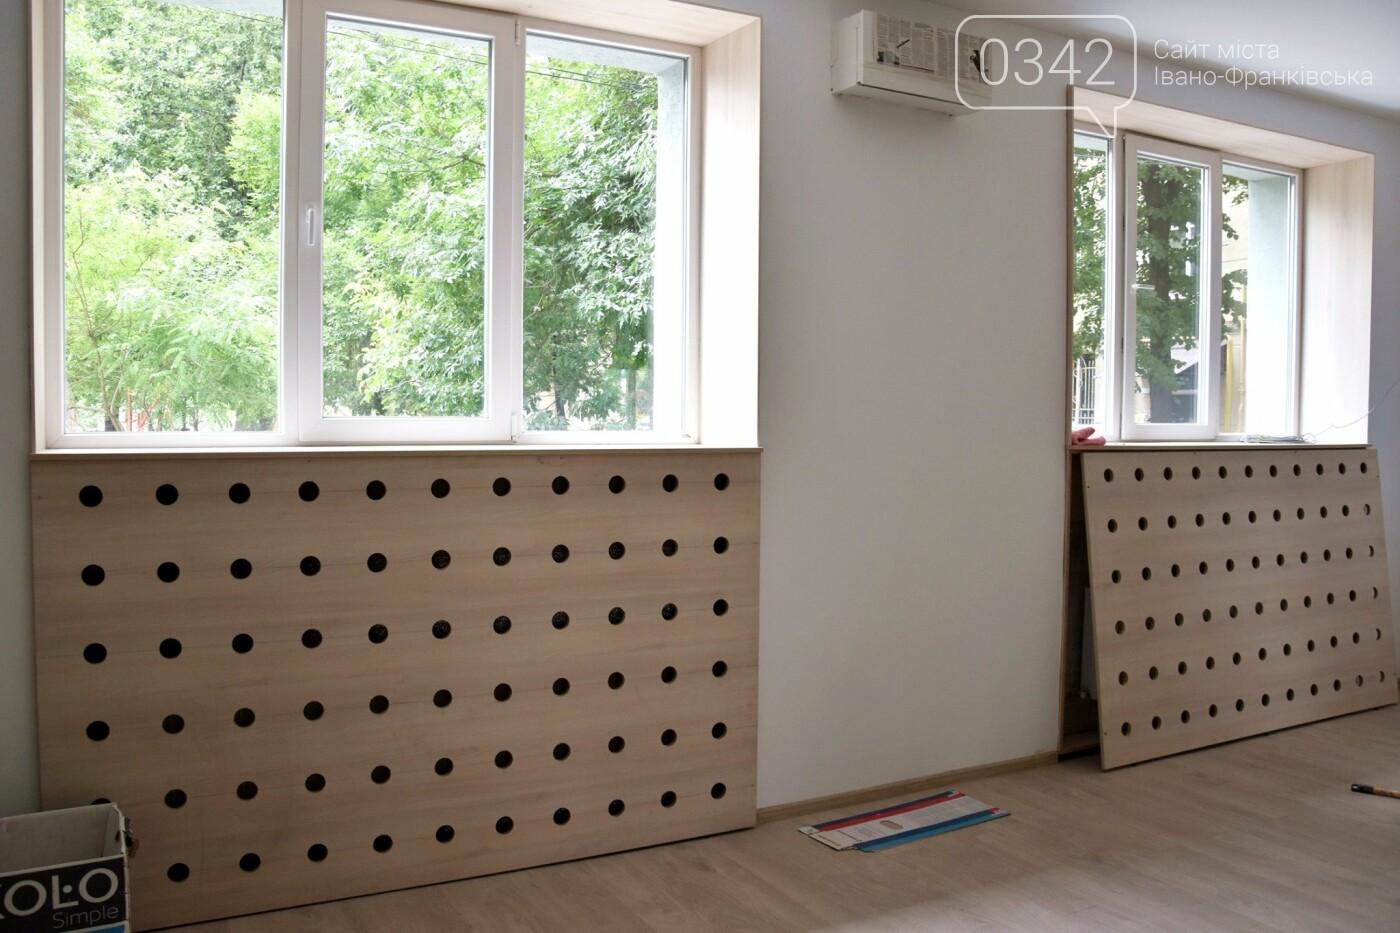 До відкриття кілька кроків: як виглядатиме Центр освітніх інновацій у Франківську (фото), фото-3